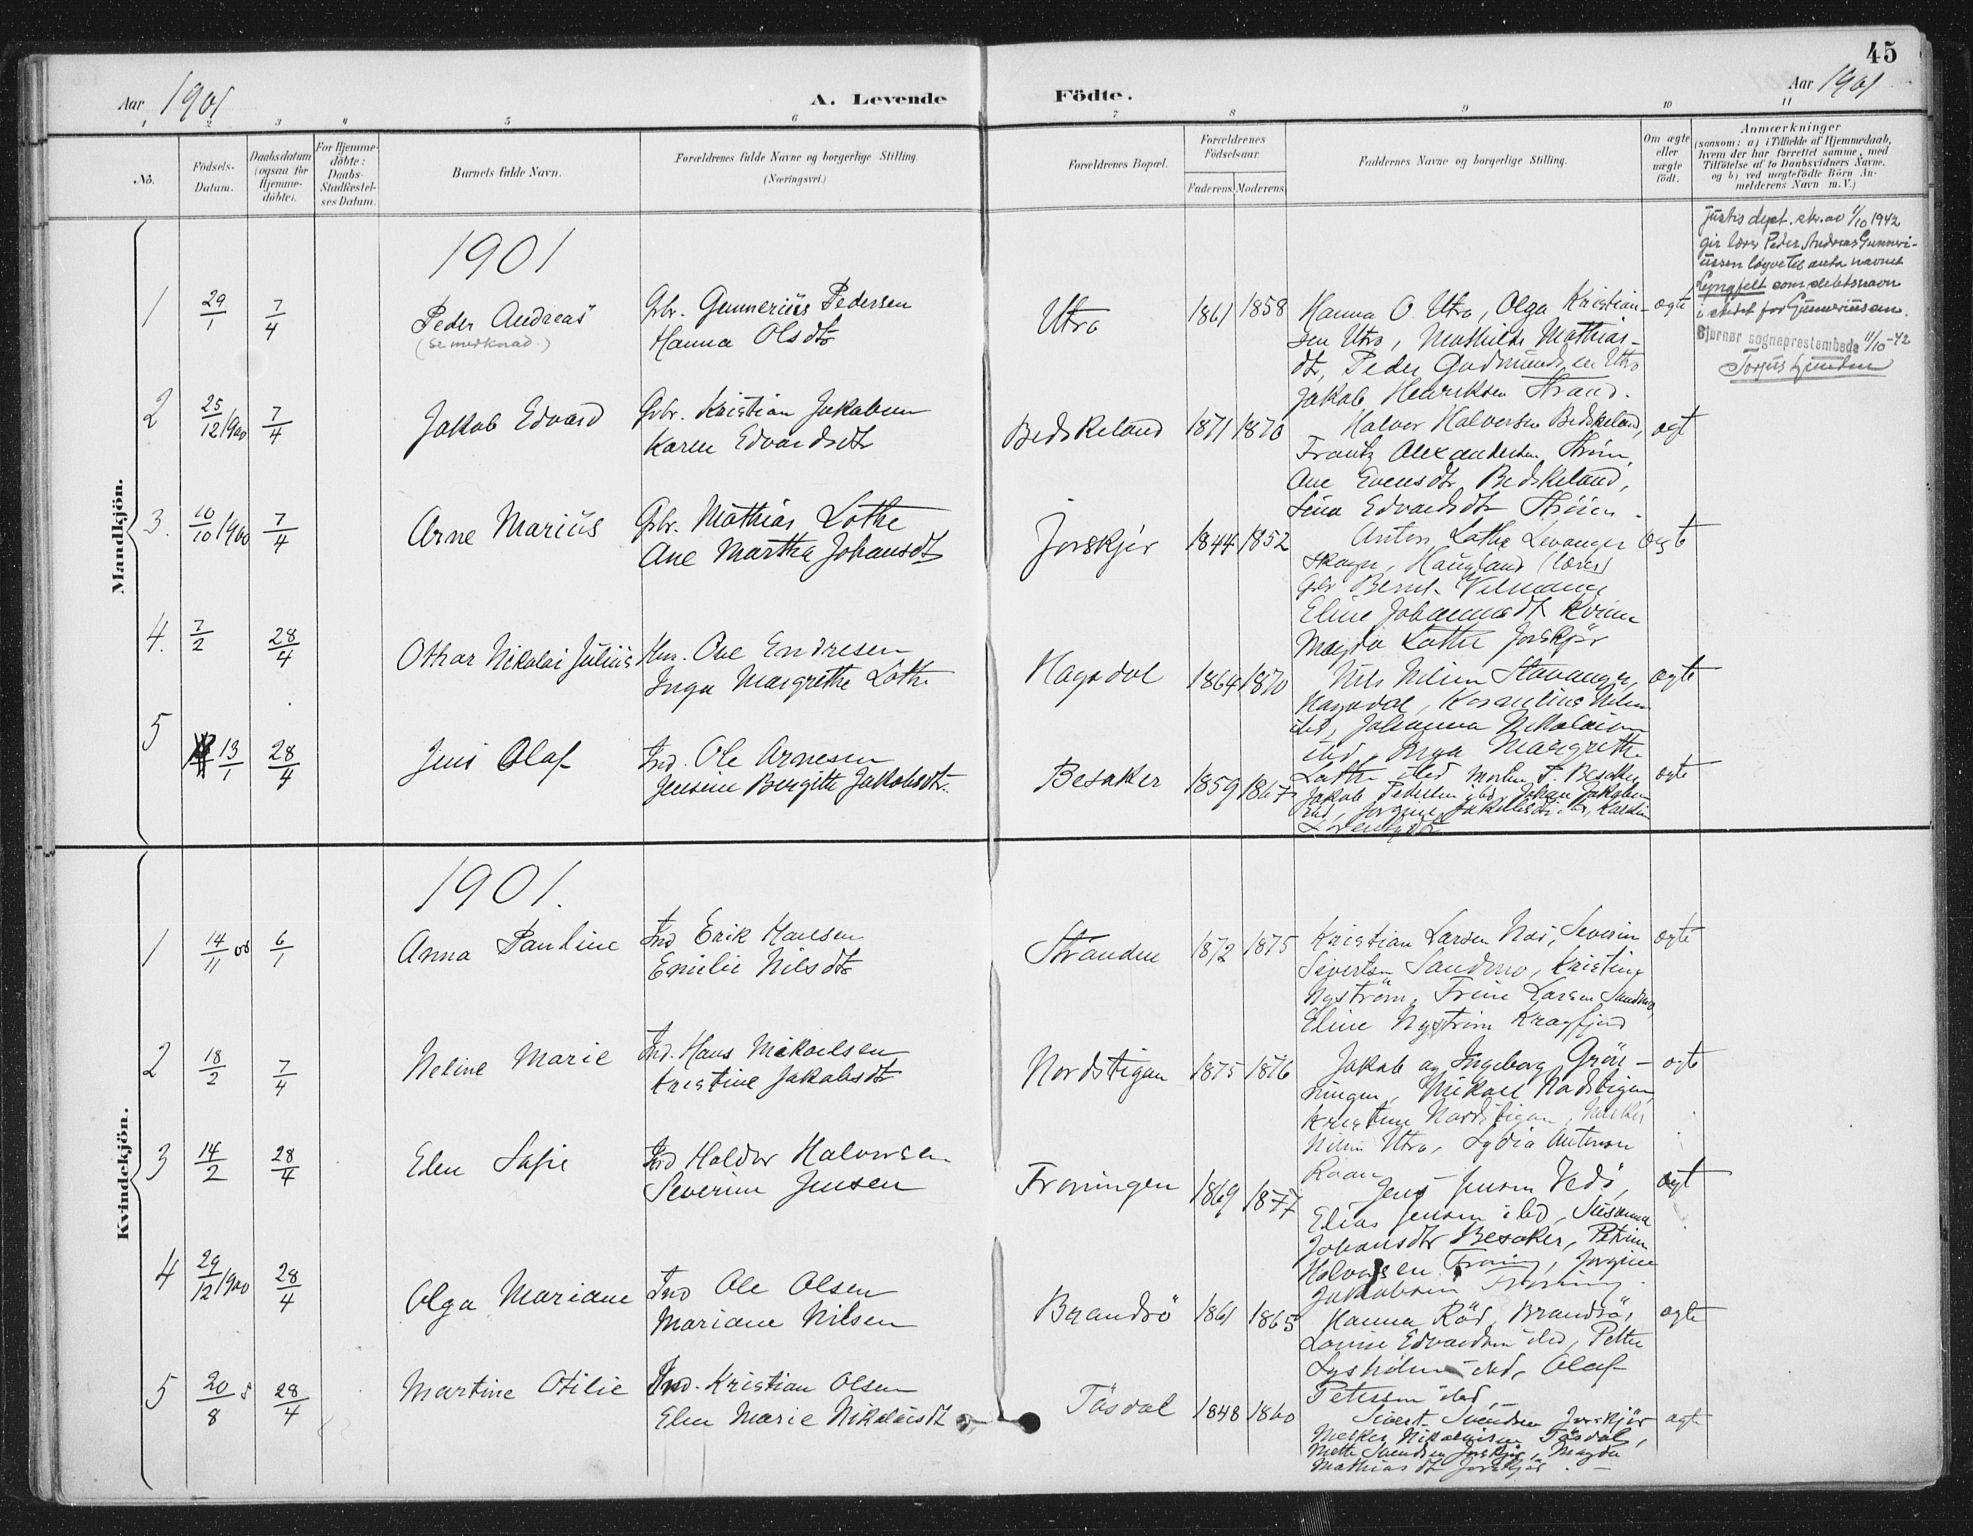 SAT, Ministerialprotokoller, klokkerbøker og fødselsregistre - Sør-Trøndelag, 657/L0708: Ministerialbok nr. 657A09, 1894-1904, s. 45